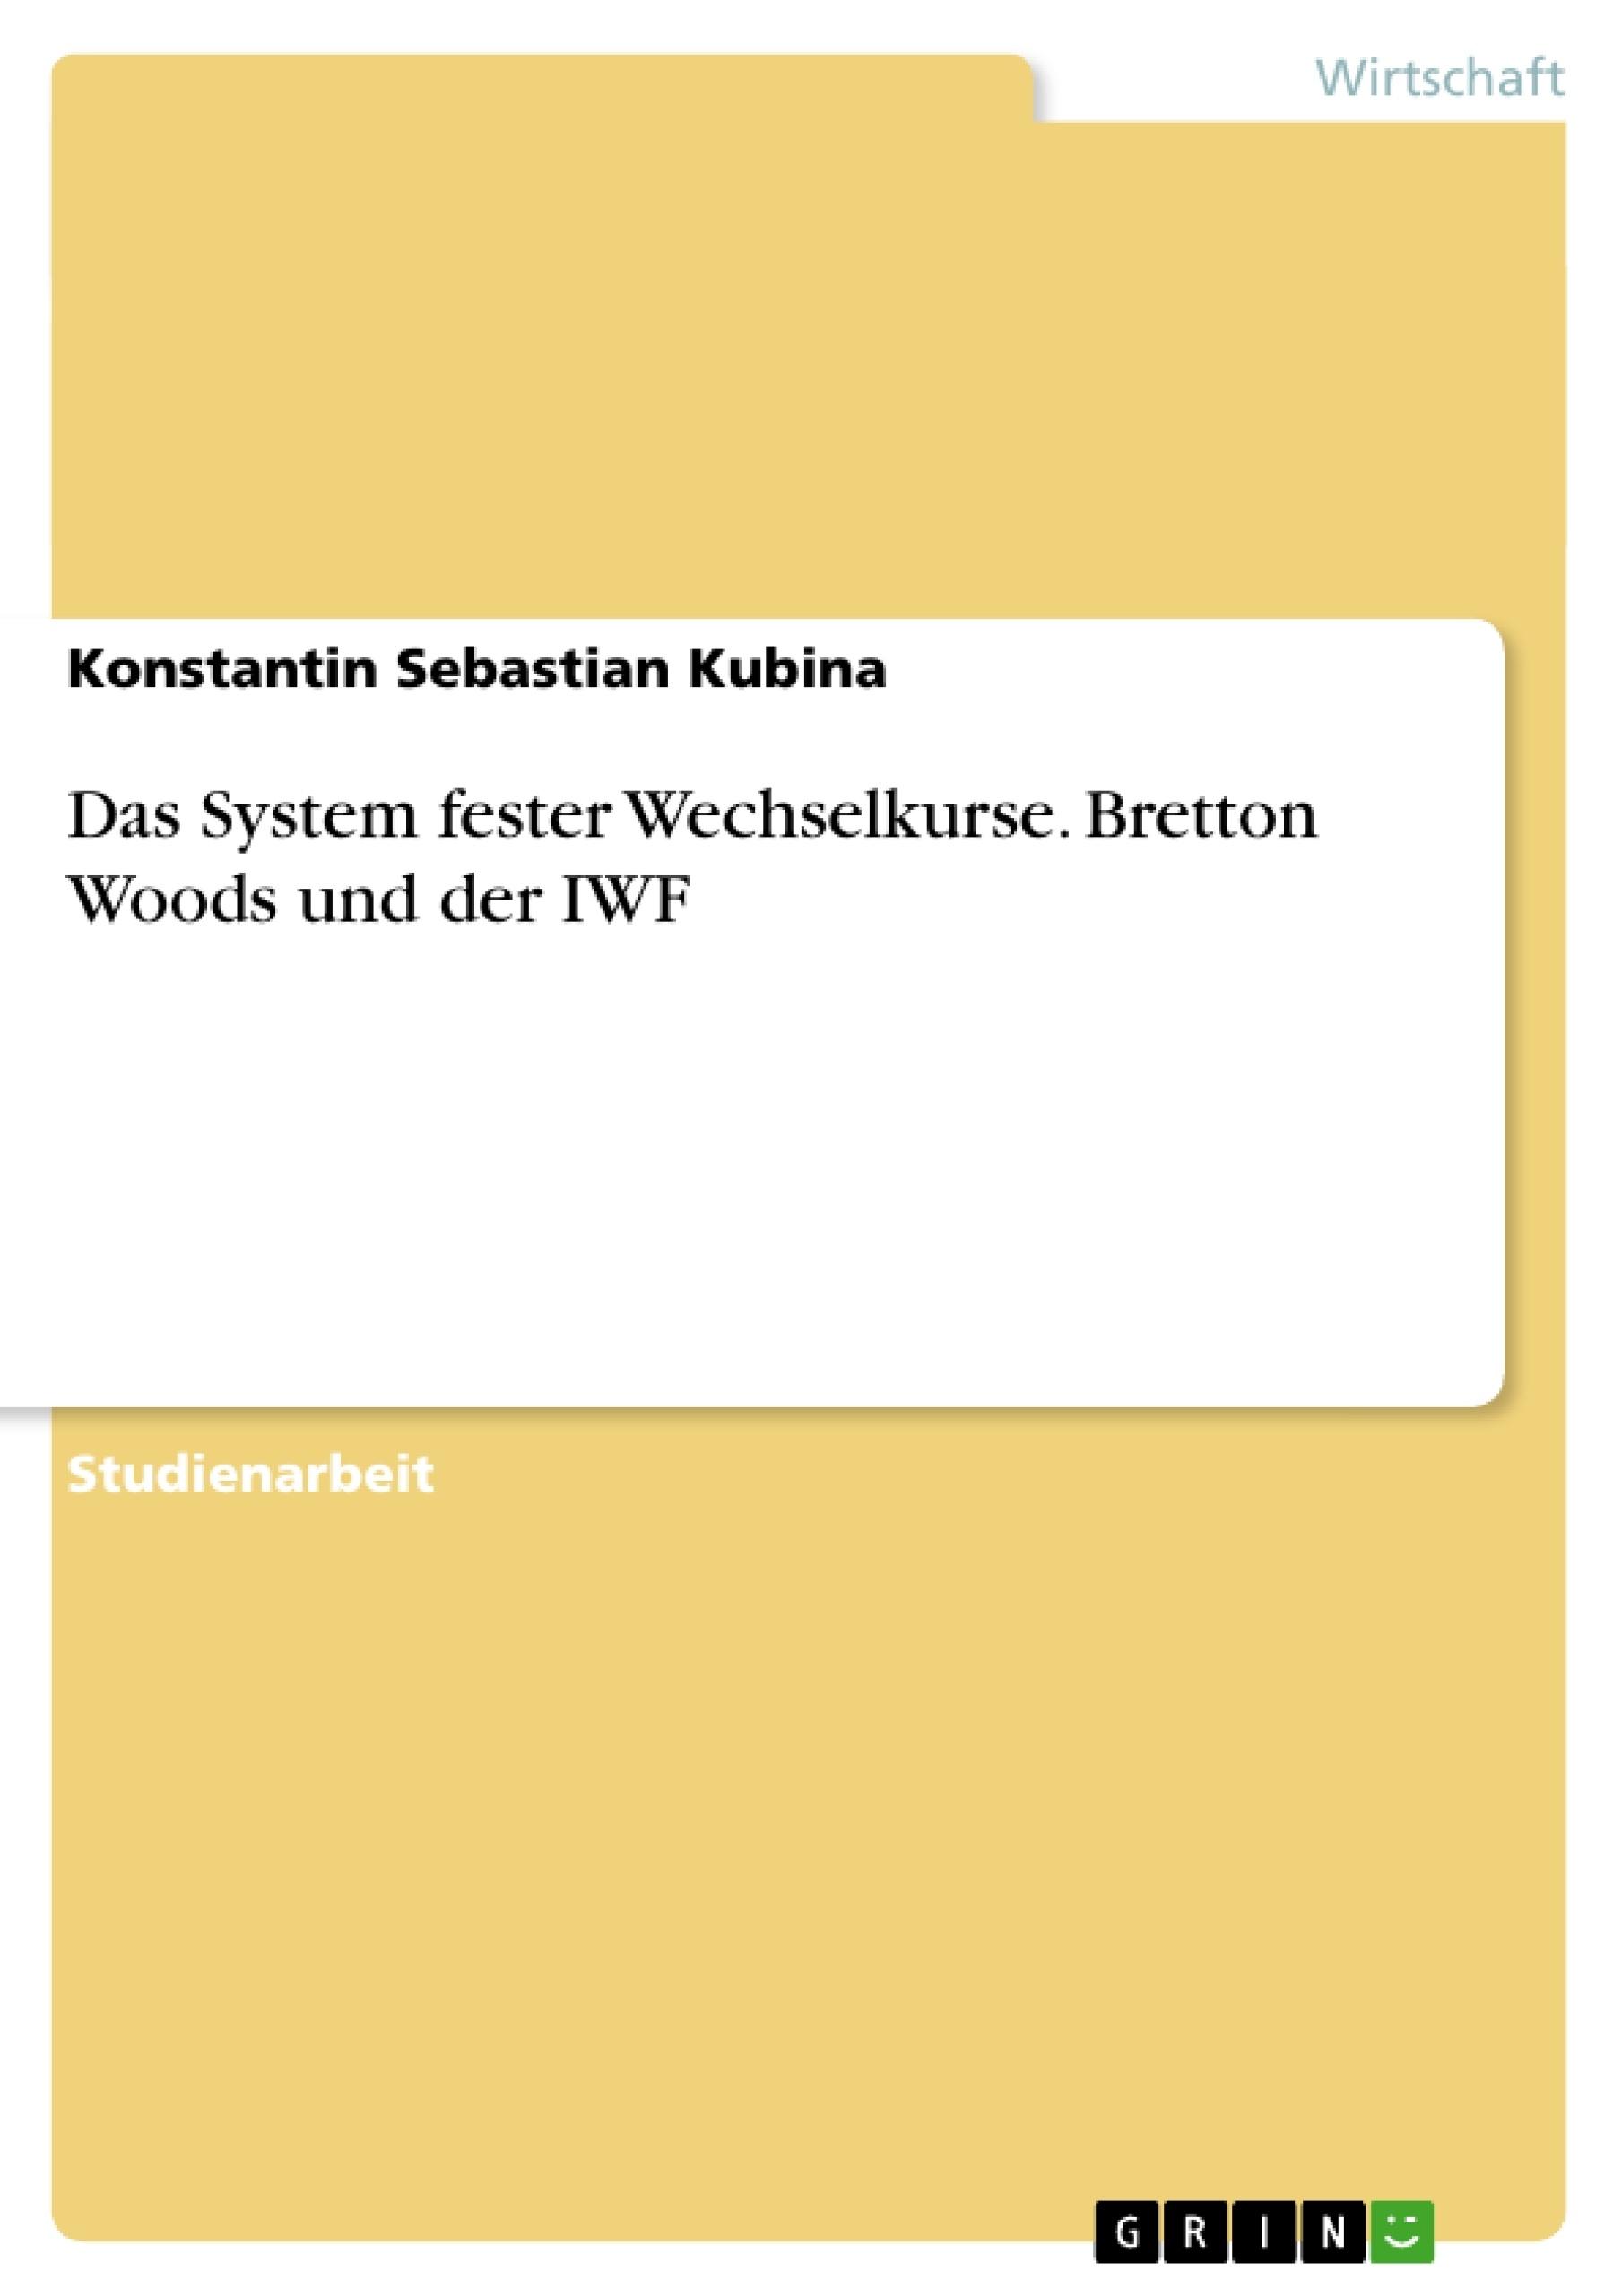 Titel: Das System fester Wechselkurse. Bretton Woods und der IWF